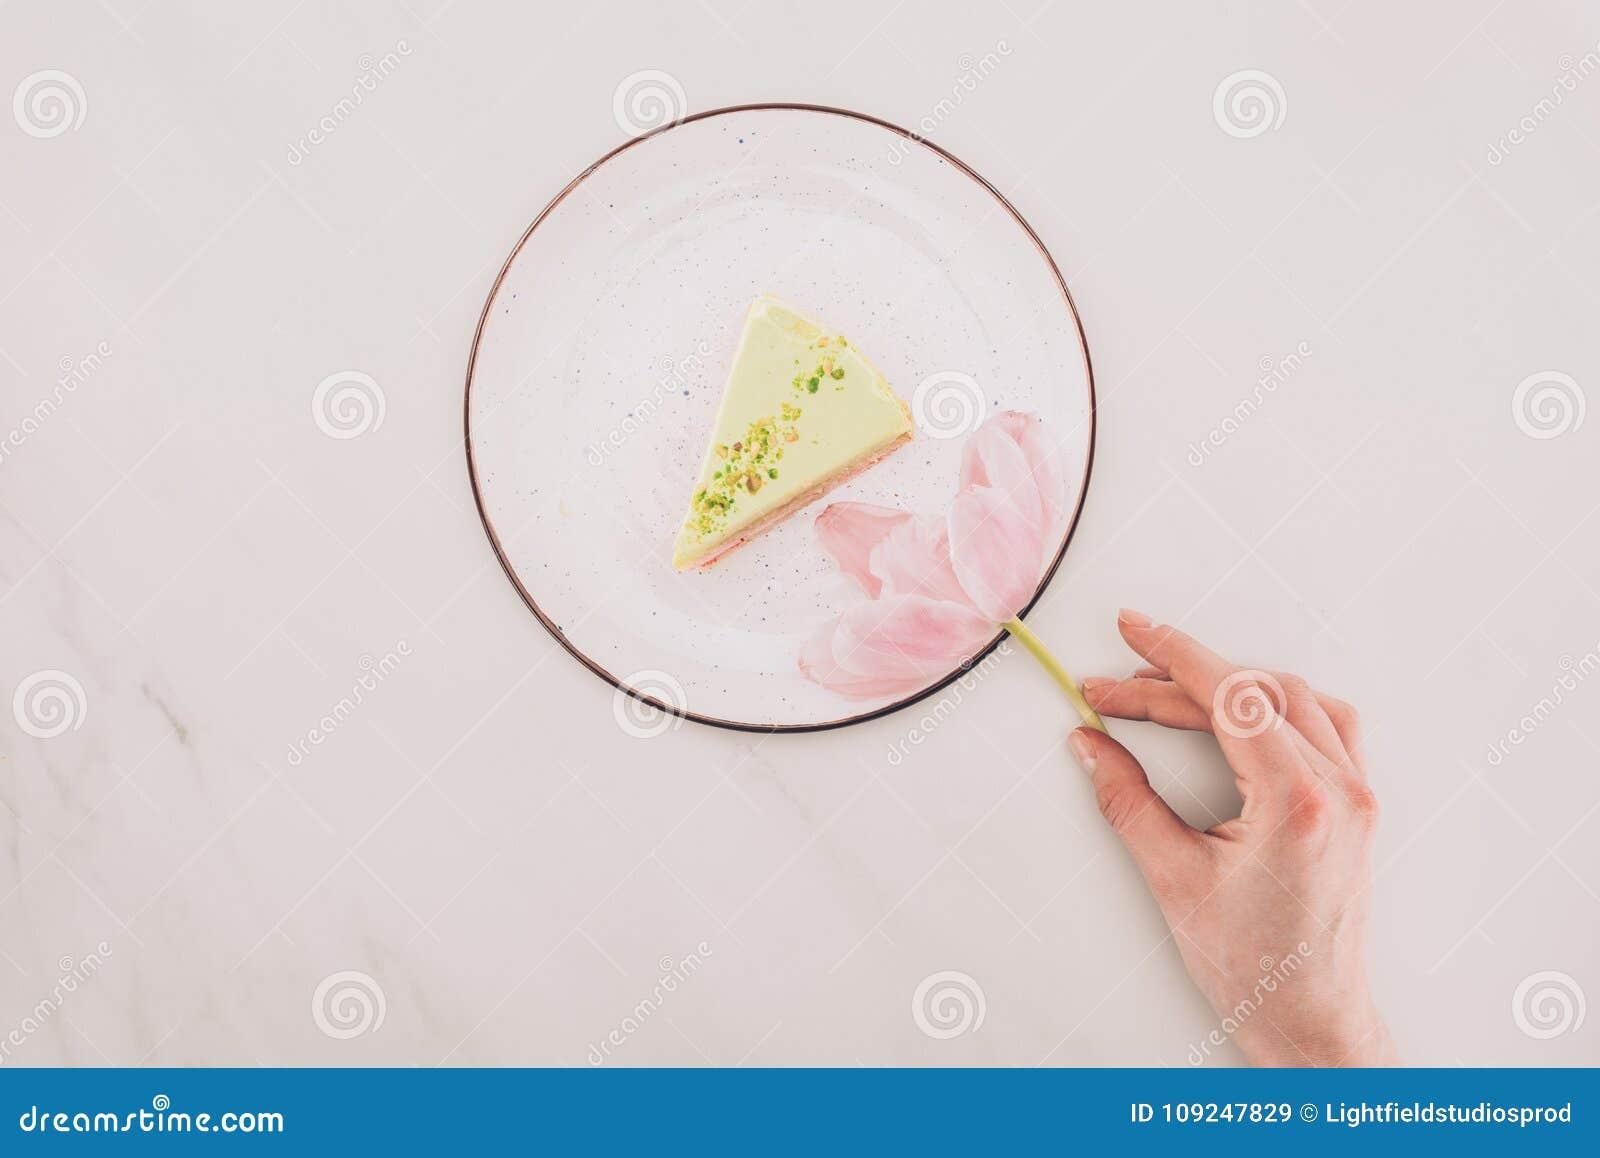 Weibliche Hand, Blume und Stück des Kuchens auf Platte auf weißer Tischplatte